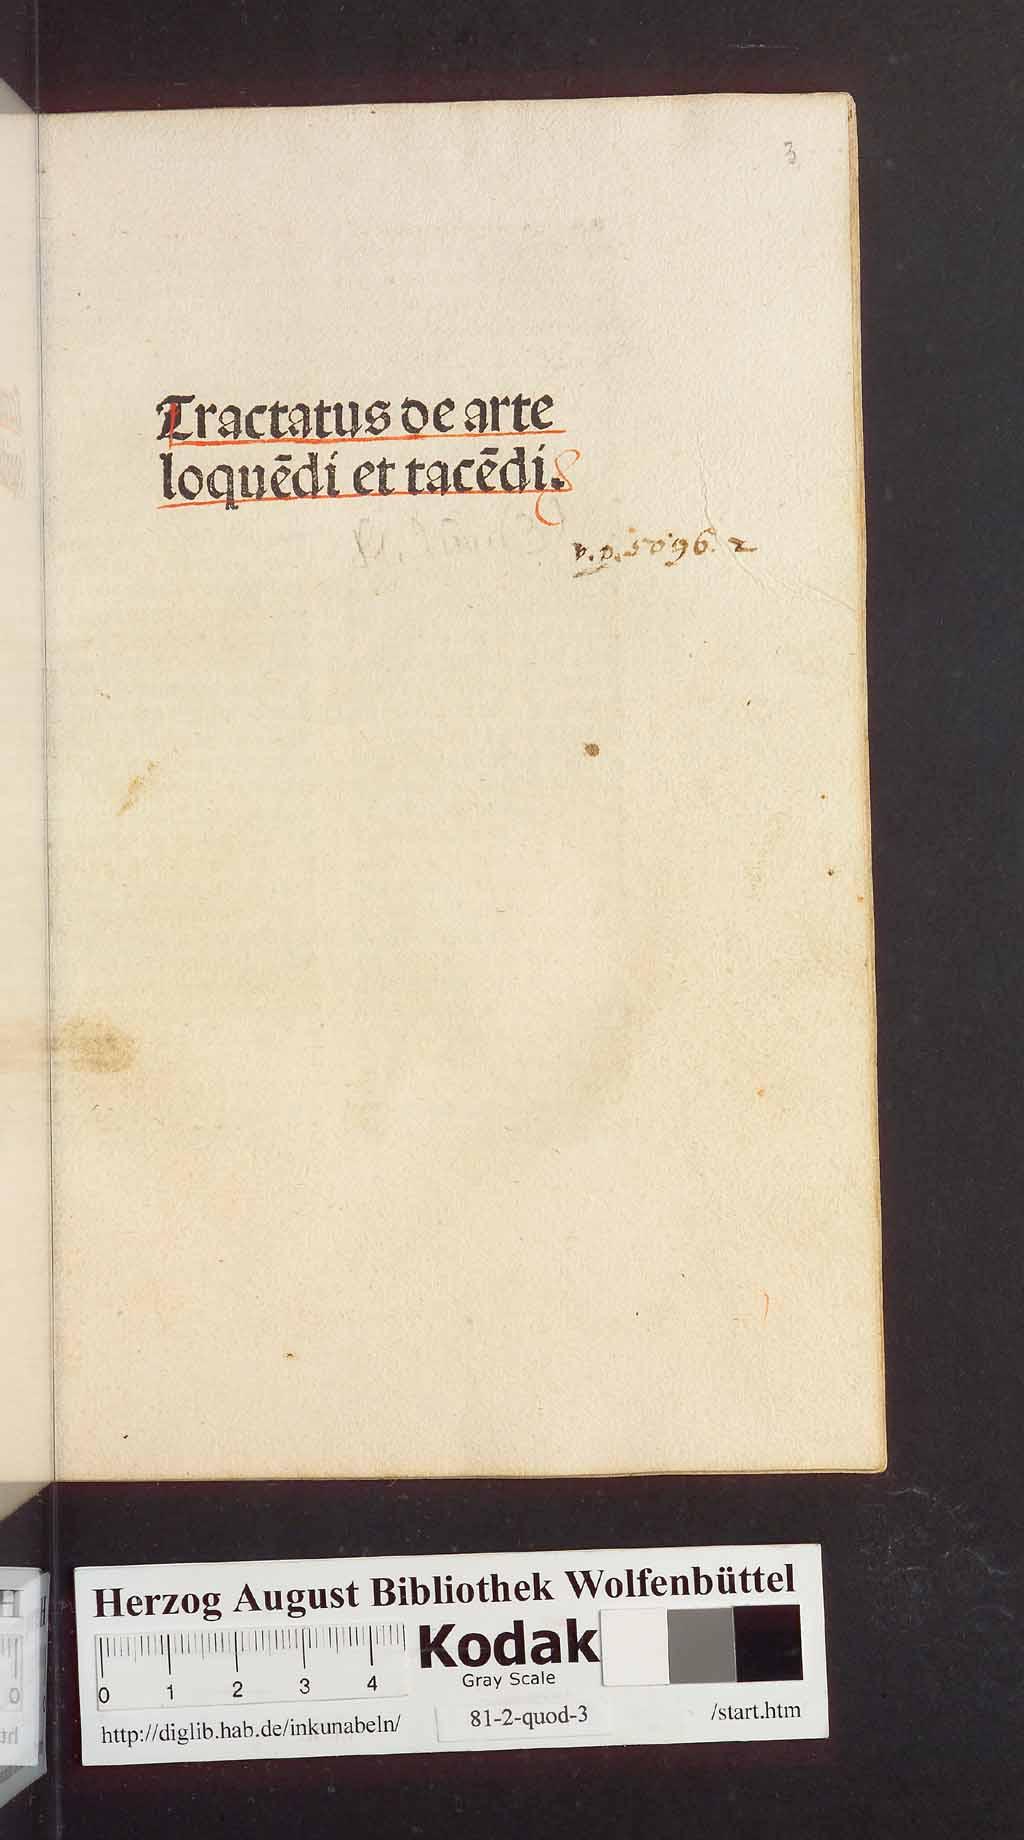 http://diglib.hab.de/inkunabeln/81-2-quod-3/00001.jpg